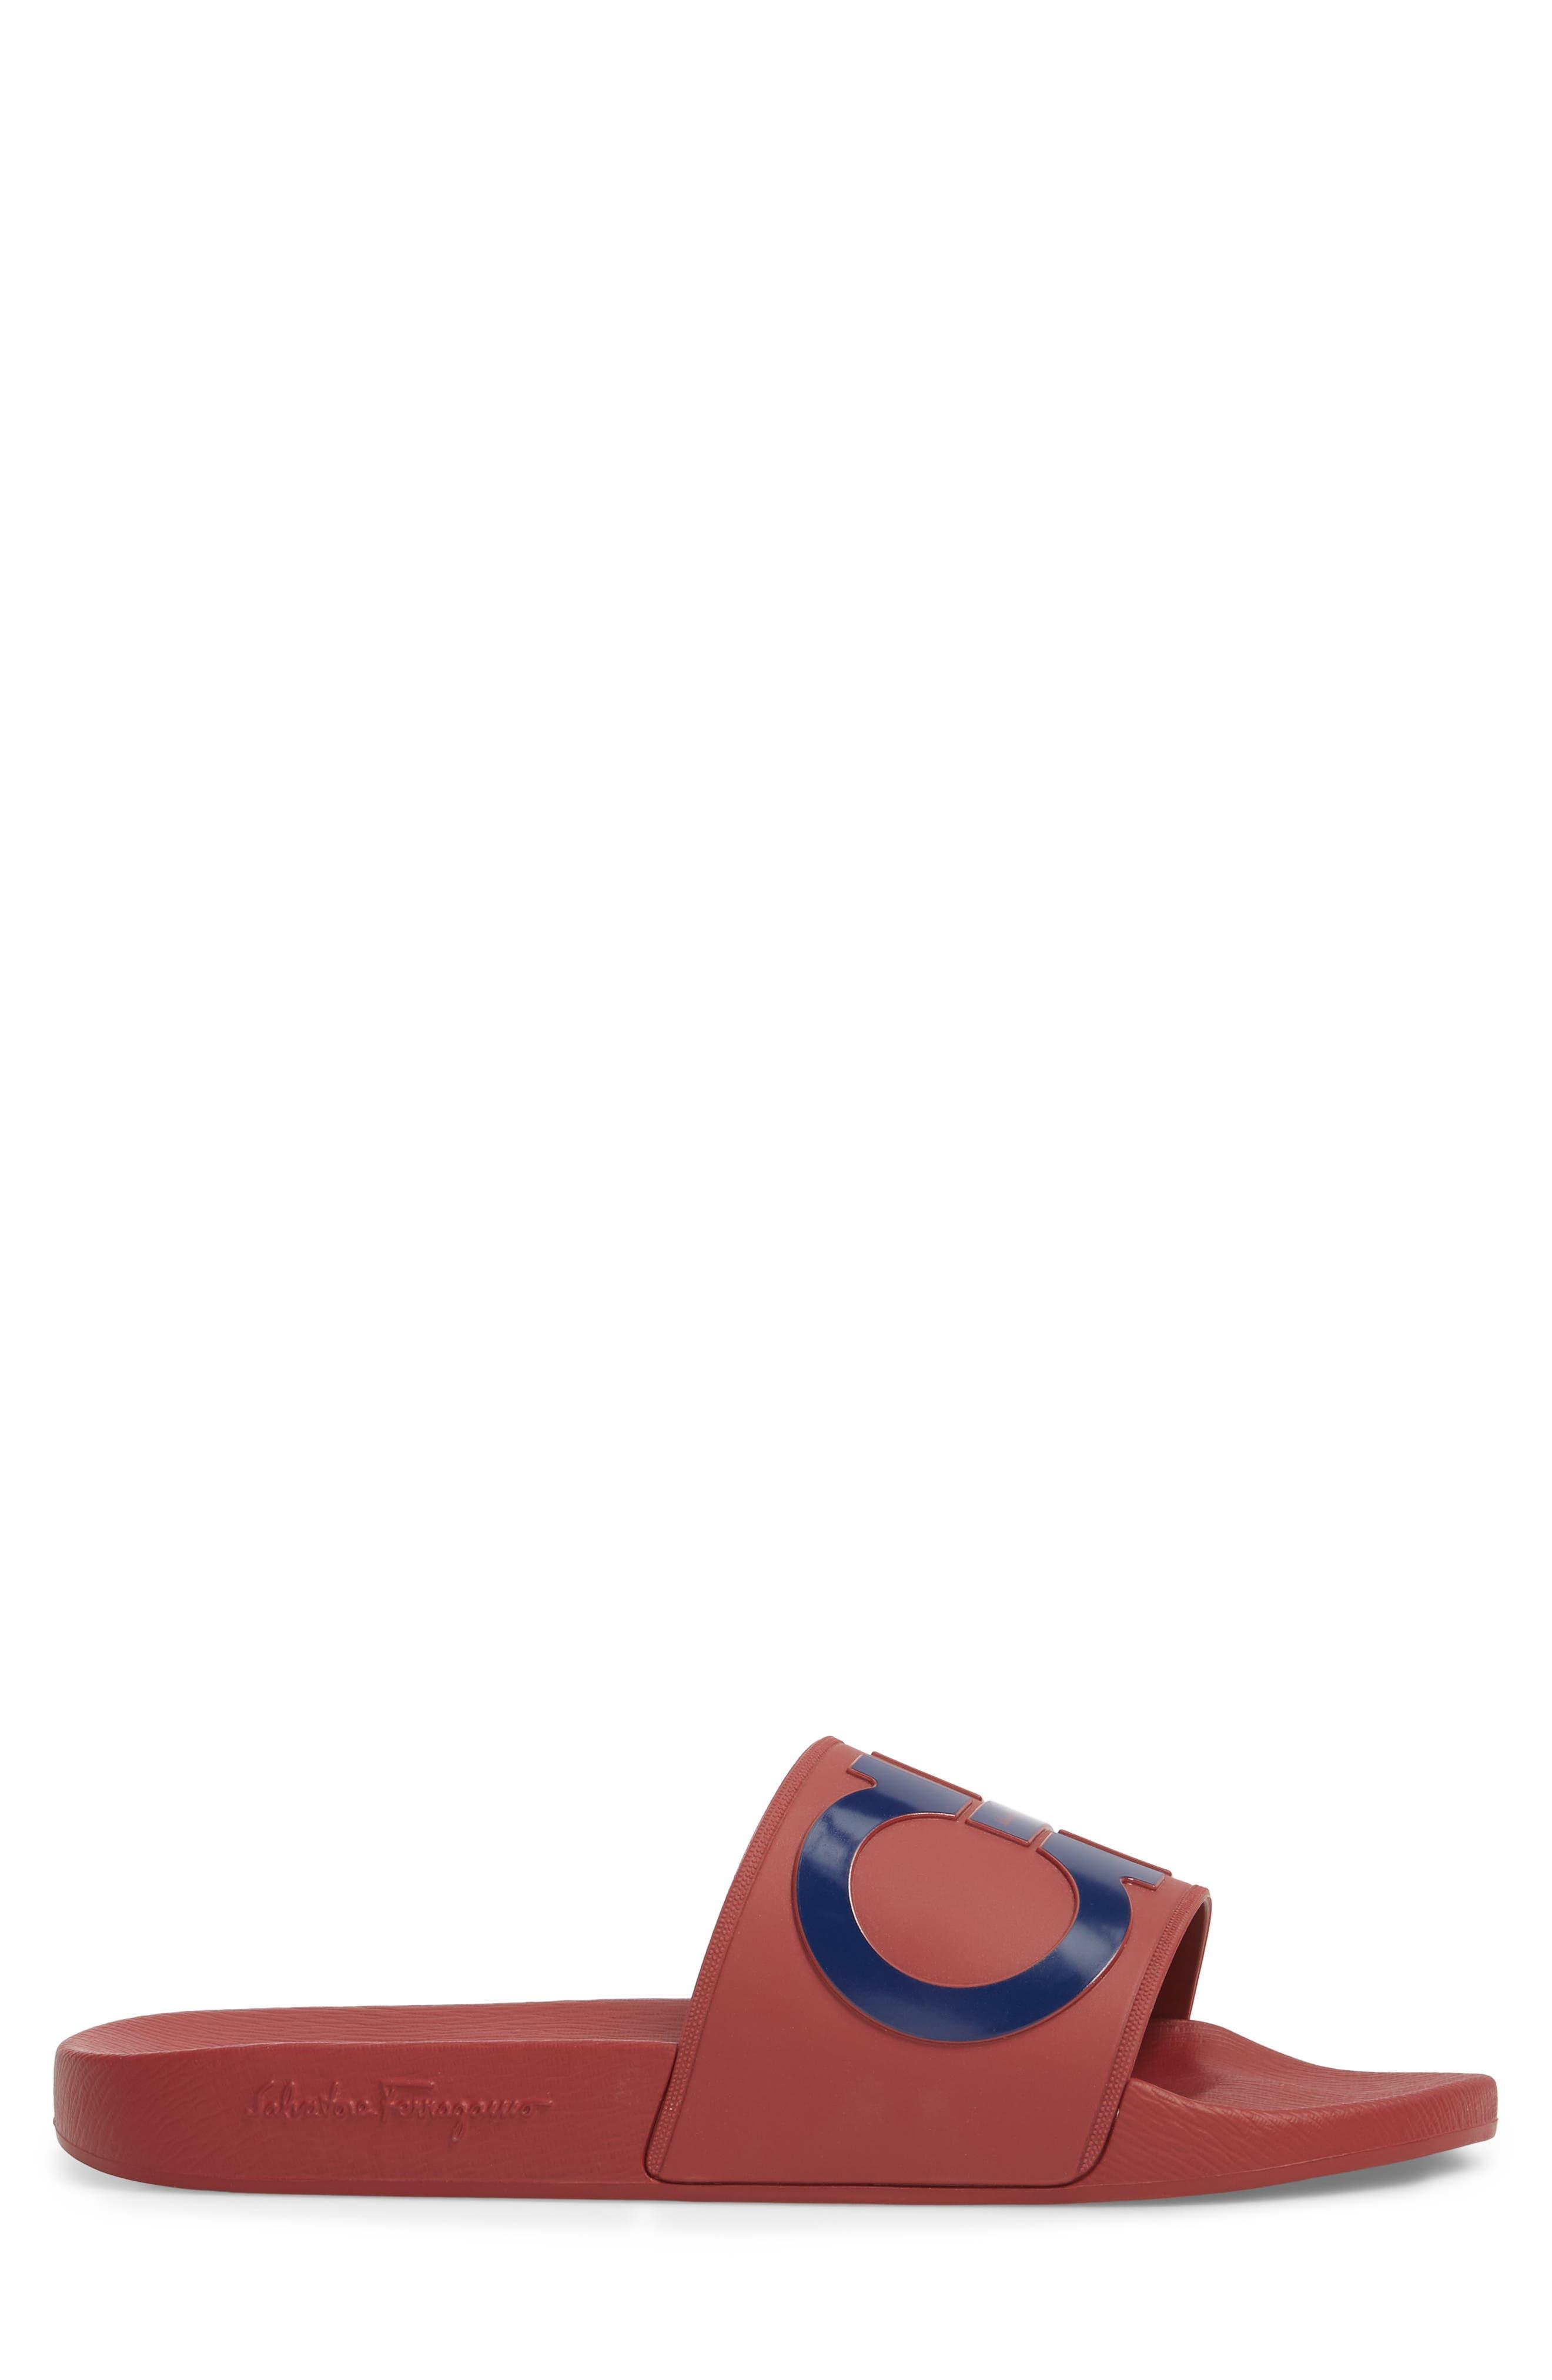 Groove Slide Sandal,                             Alternate thumbnail 3, color,                             607